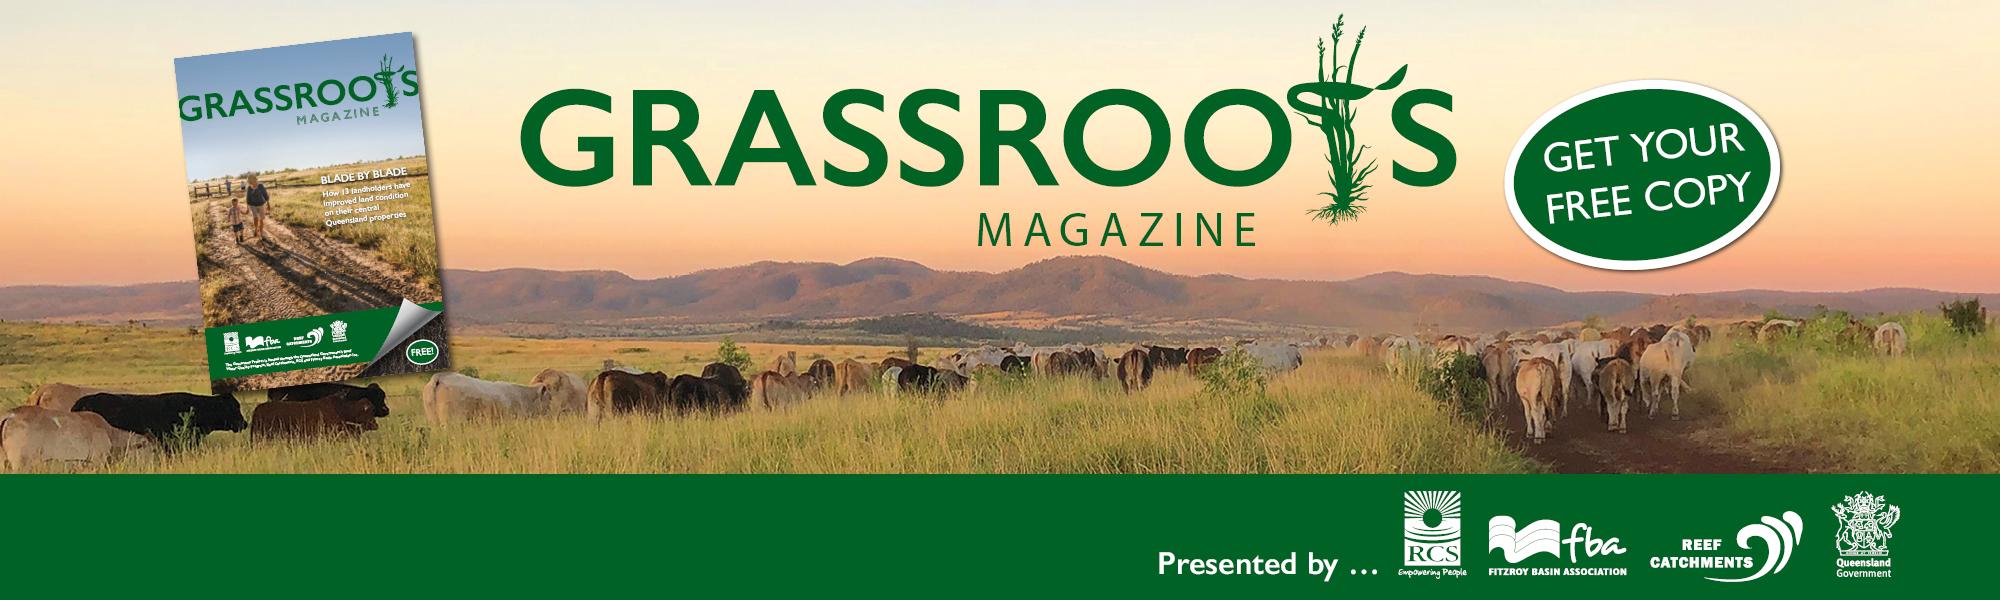 Grassroots-Desktop